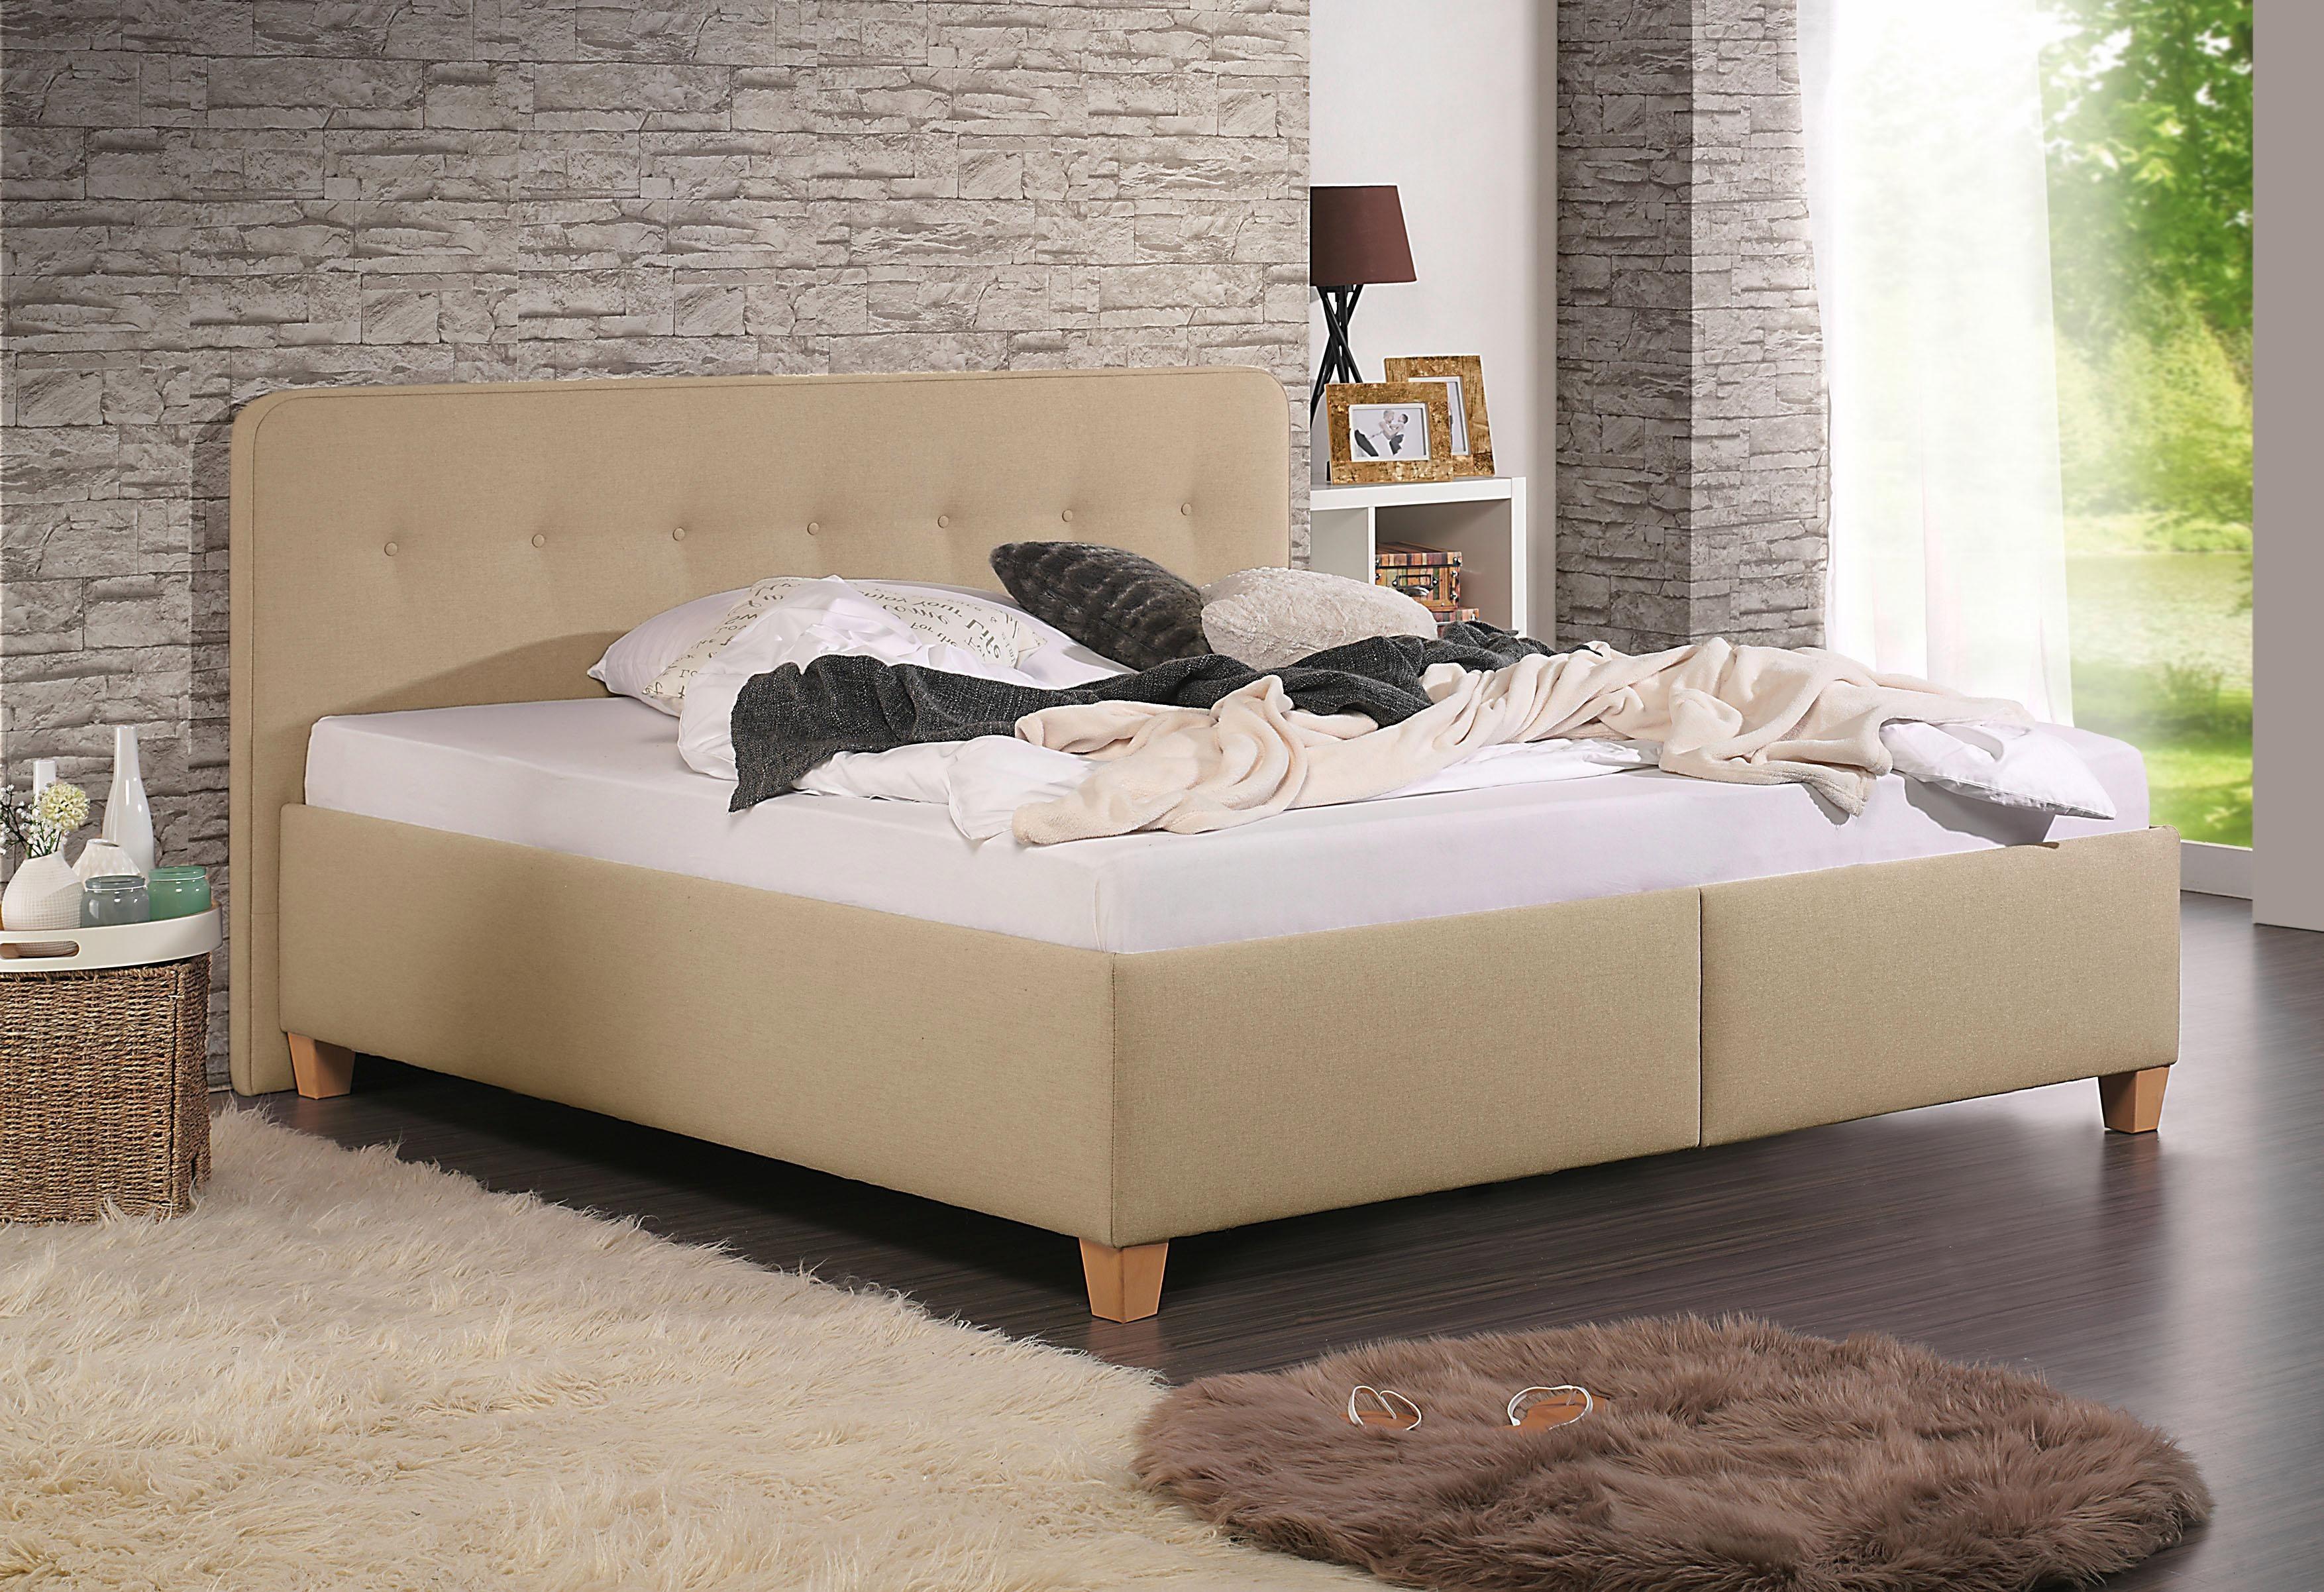 Home affaire Polsterbett »Figaro« mit oder ohne Matratze in 2 Ausführungen, Härtegrad 2 oder 3 | Schlafzimmer > Betten > Funktionsbetten | Strukturstoff - Buche | Home affaire